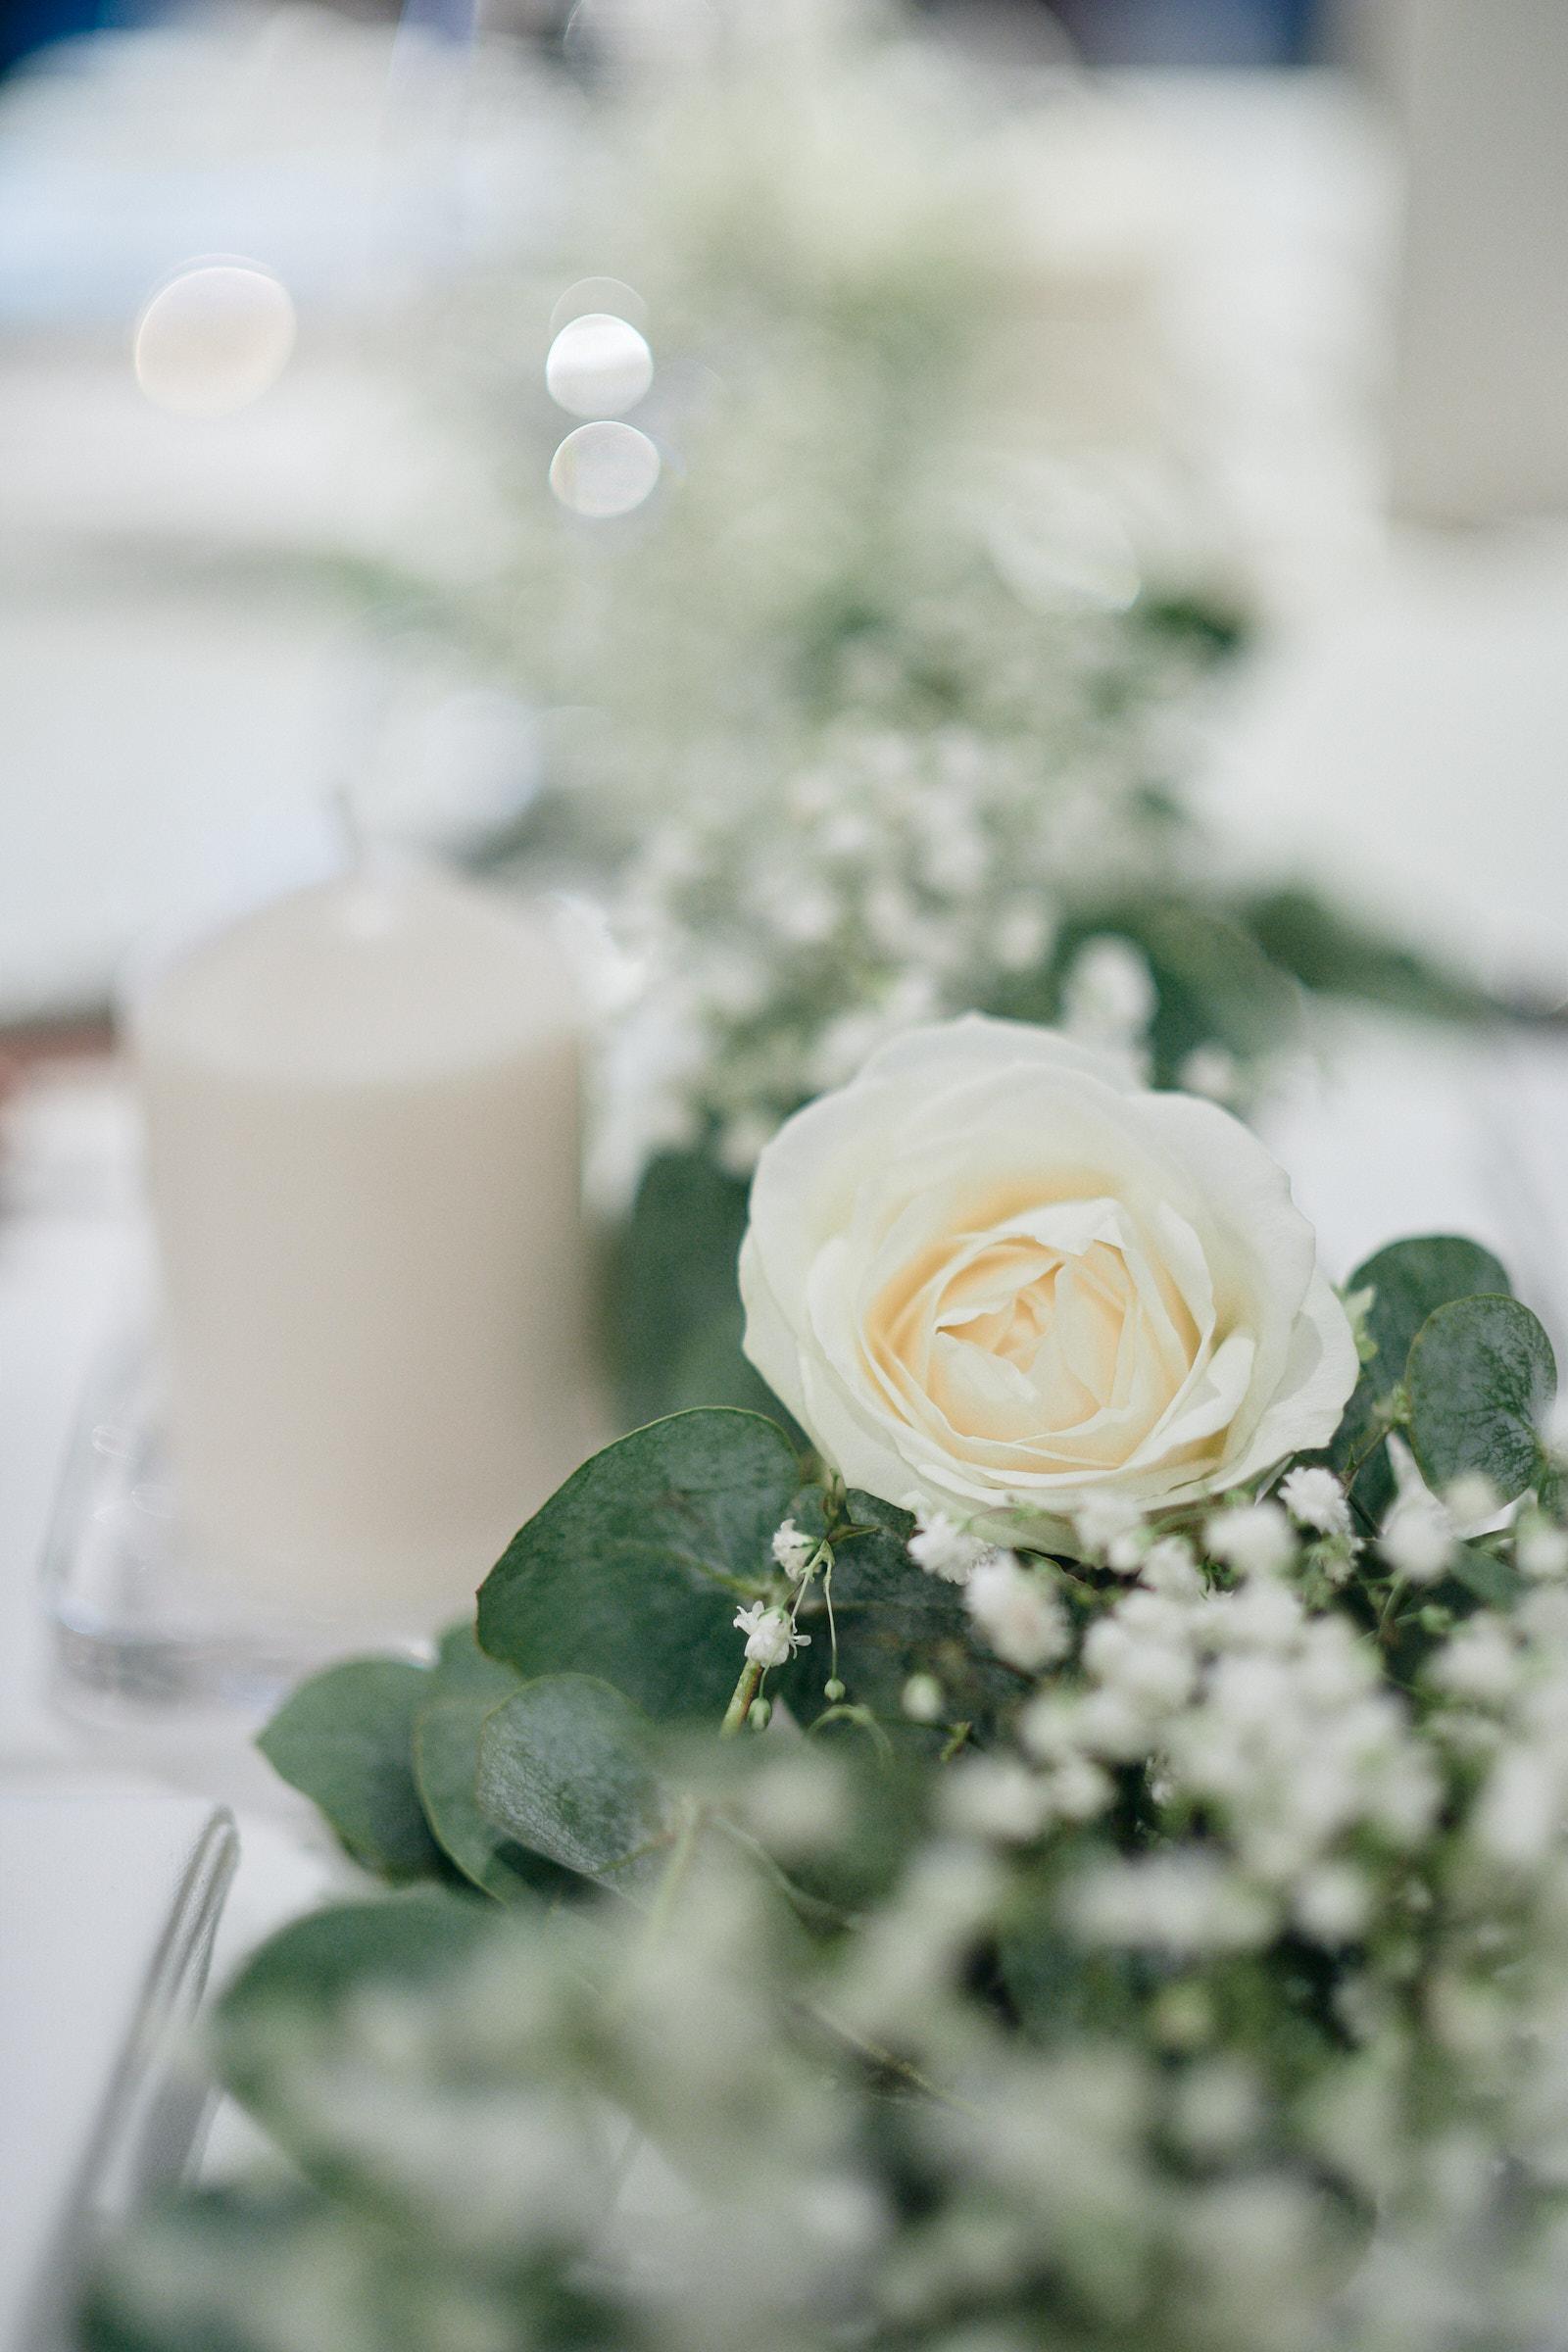 détail de la décoration florale à la table de balthazar